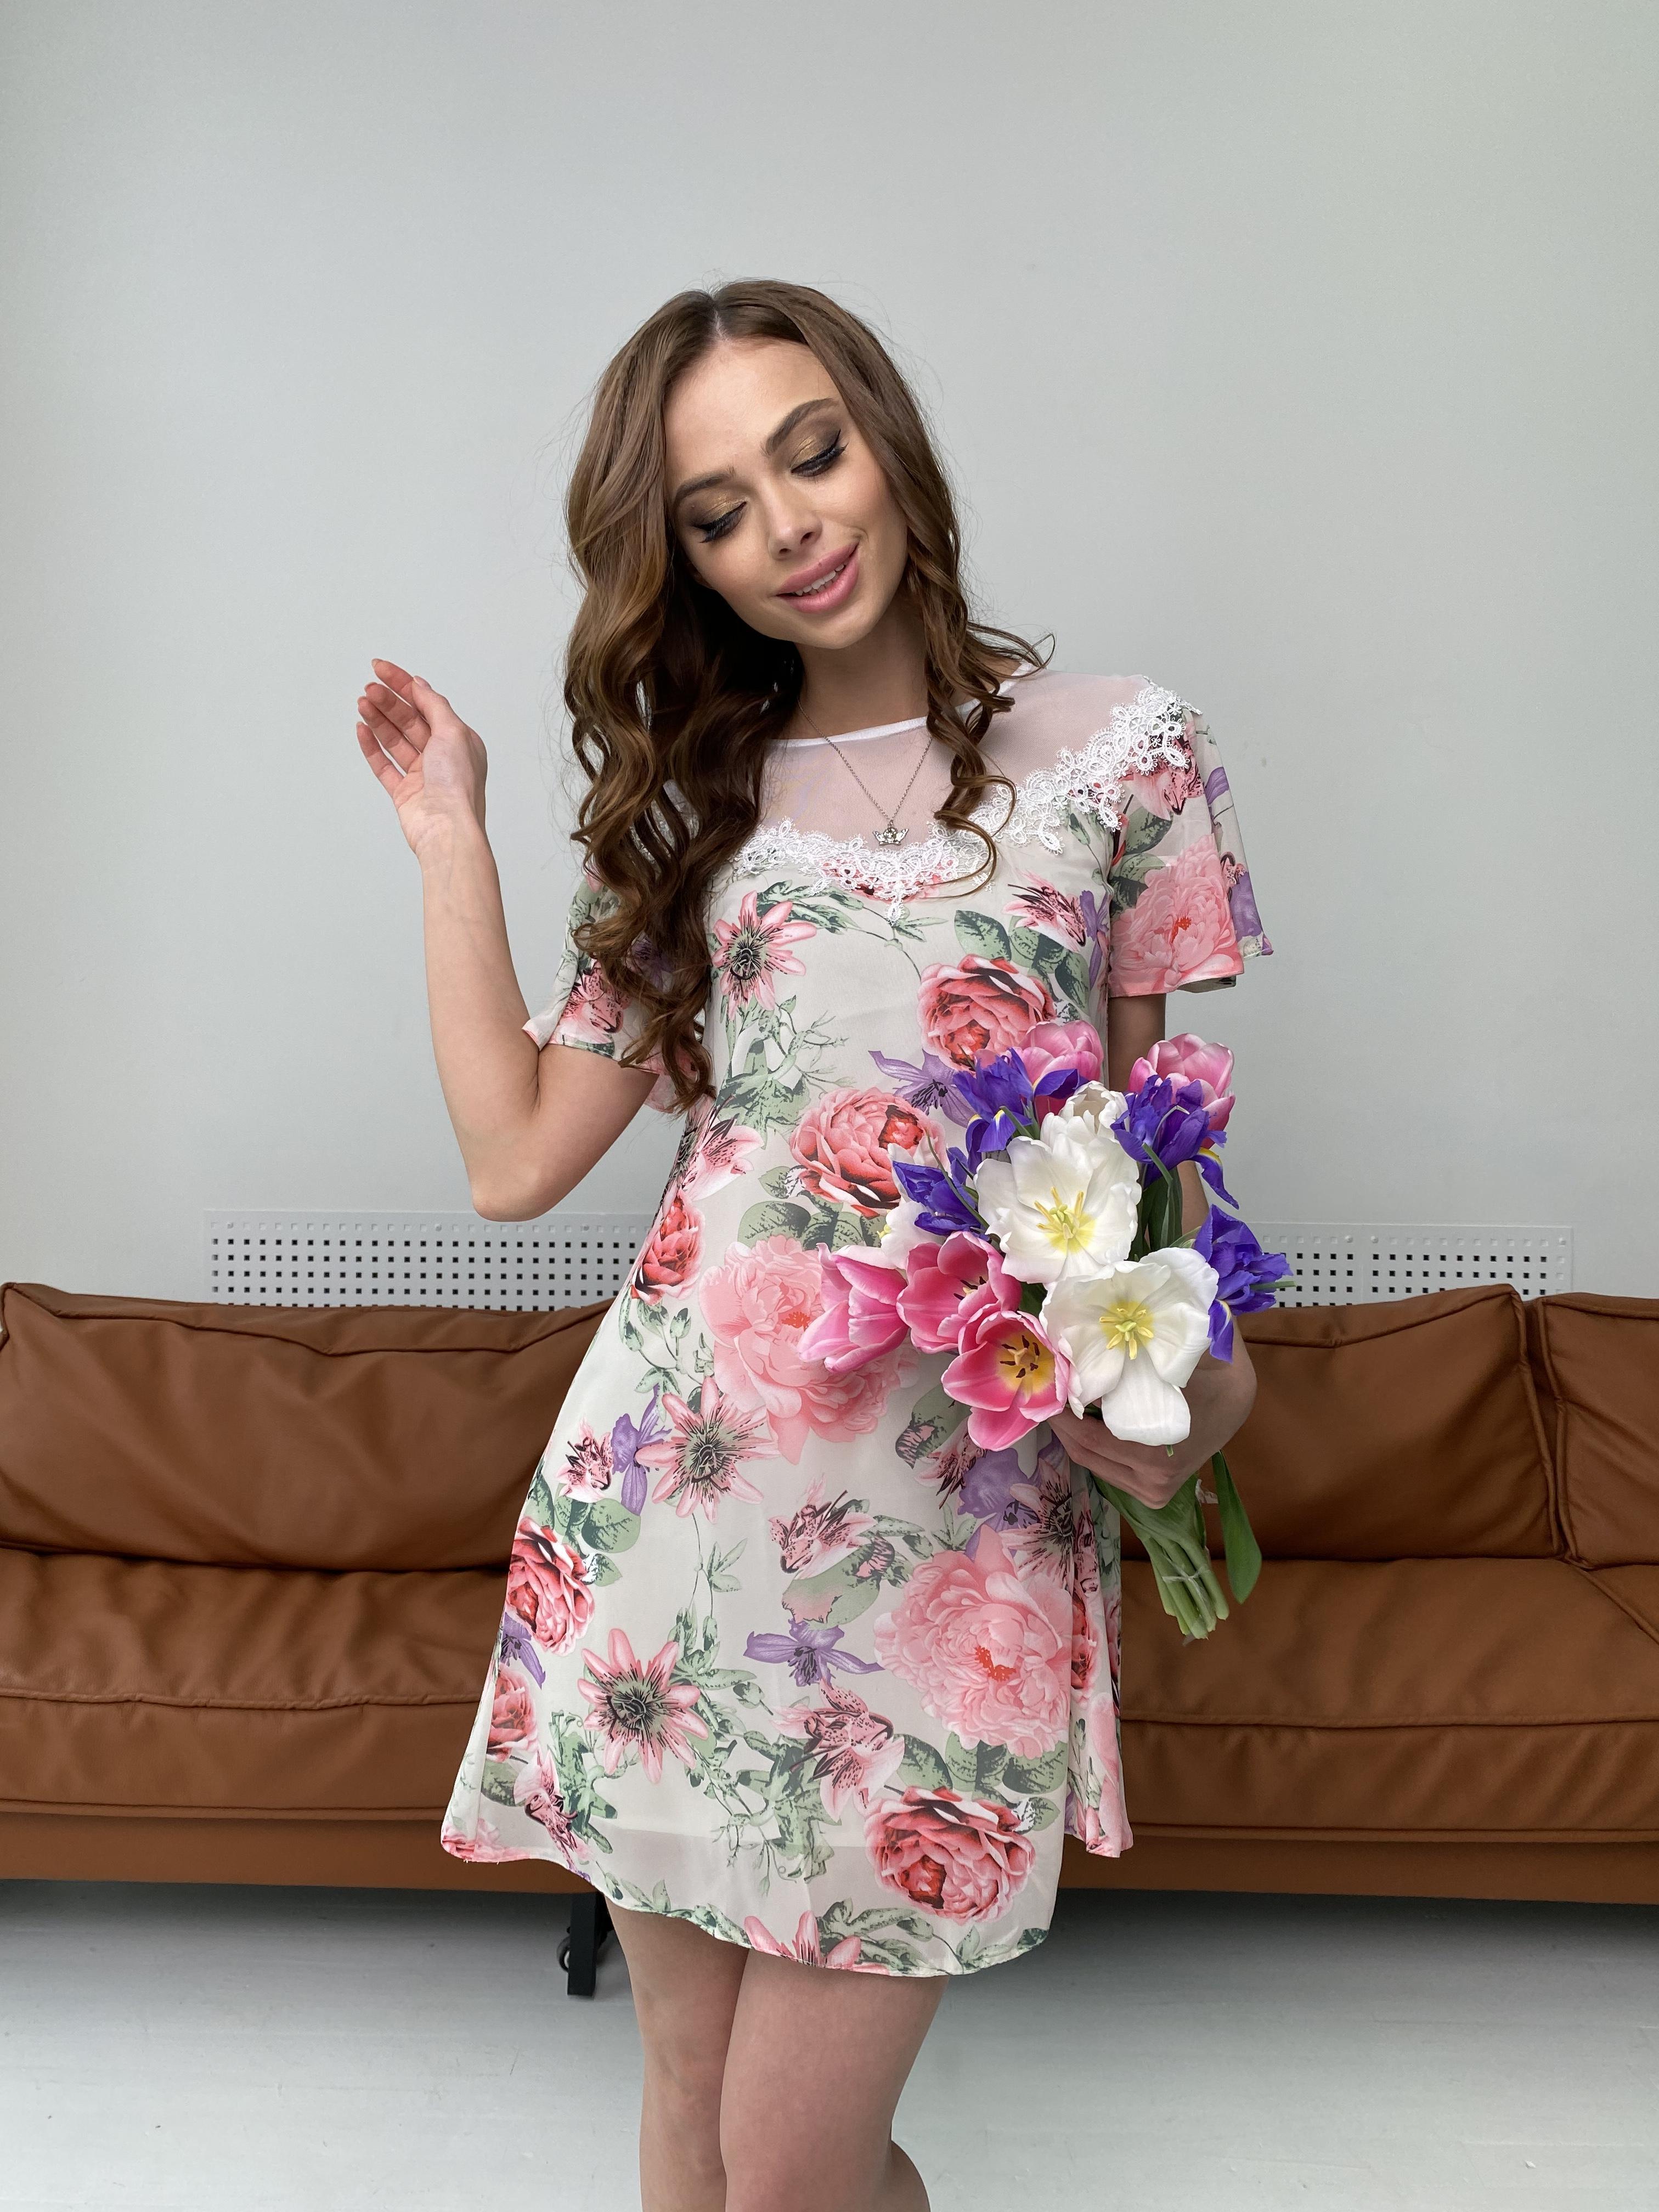 Эри платье из шифона с принтом 7136 АРТ. 42800 Цвет: Цветы комби беж - фото 6, интернет магазин tm-modus.ru